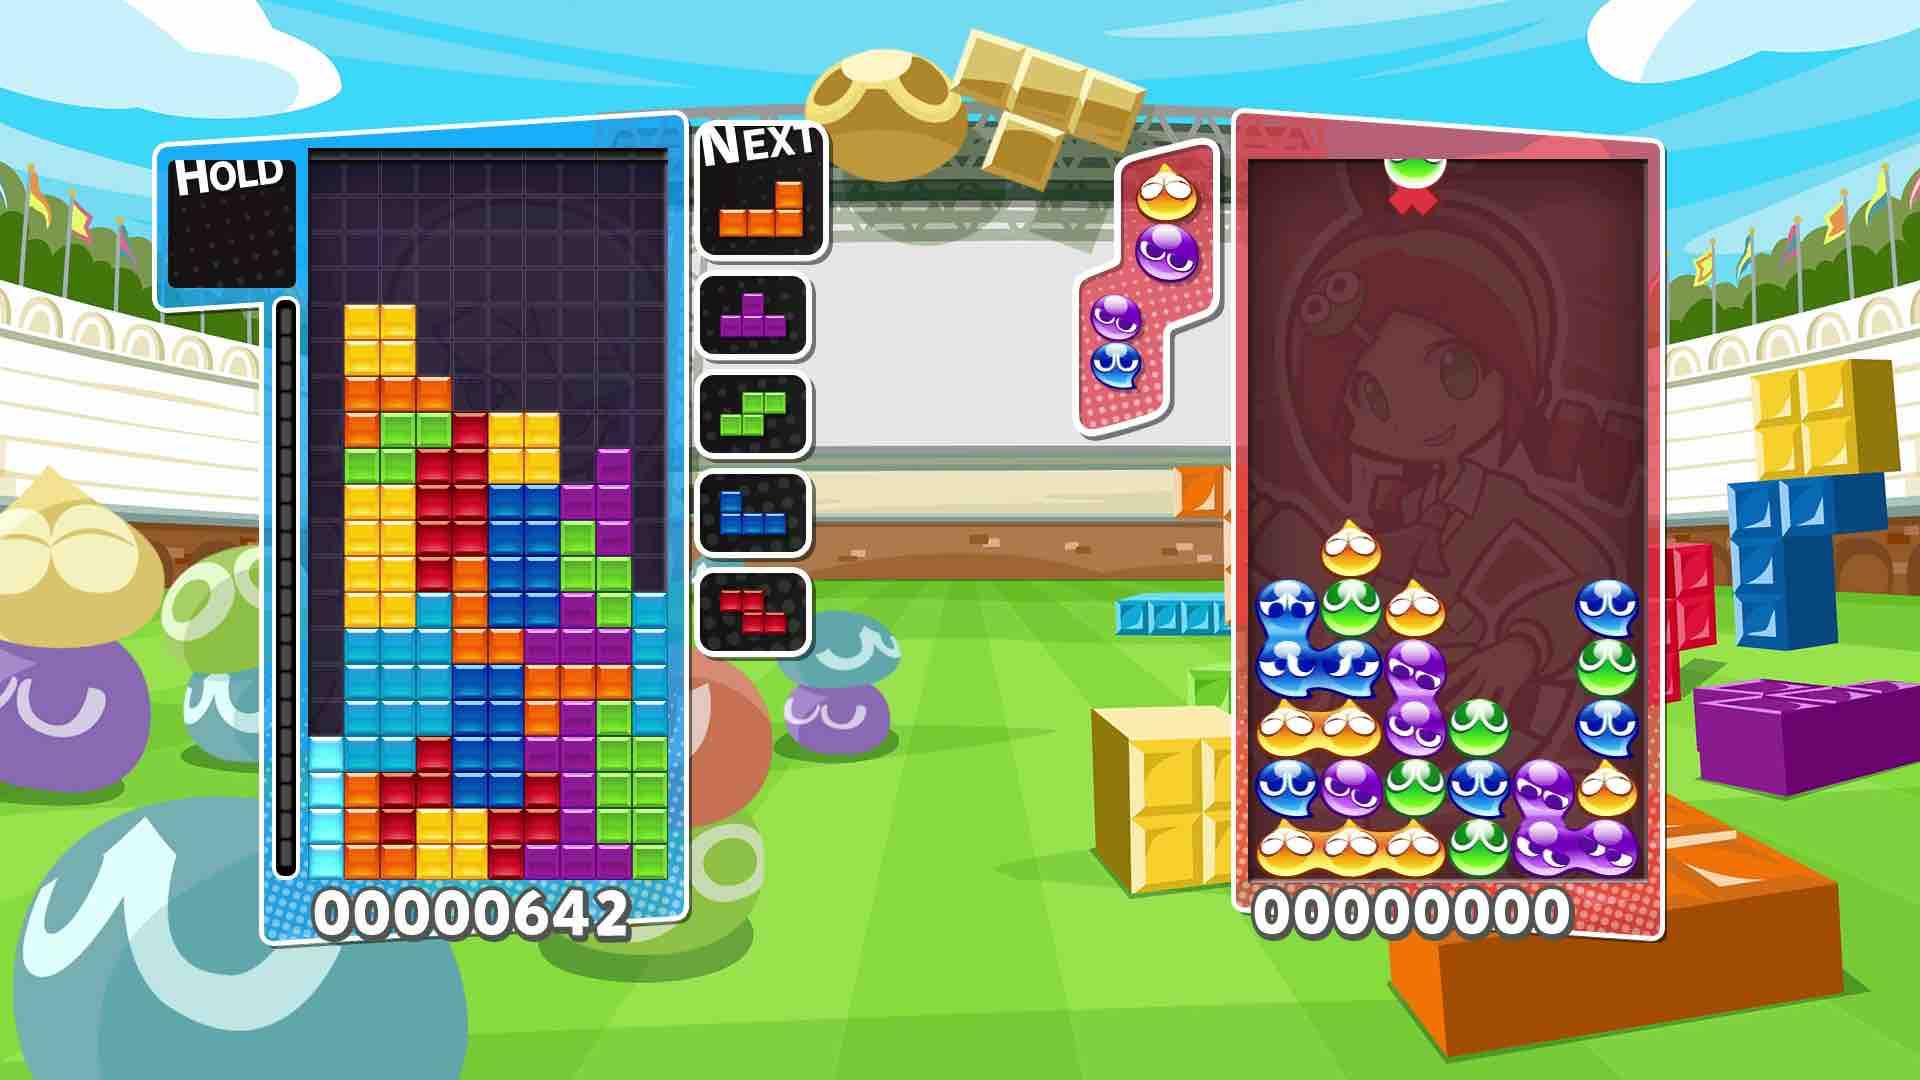 puyo-puyo-tetris-review-screenshot-3